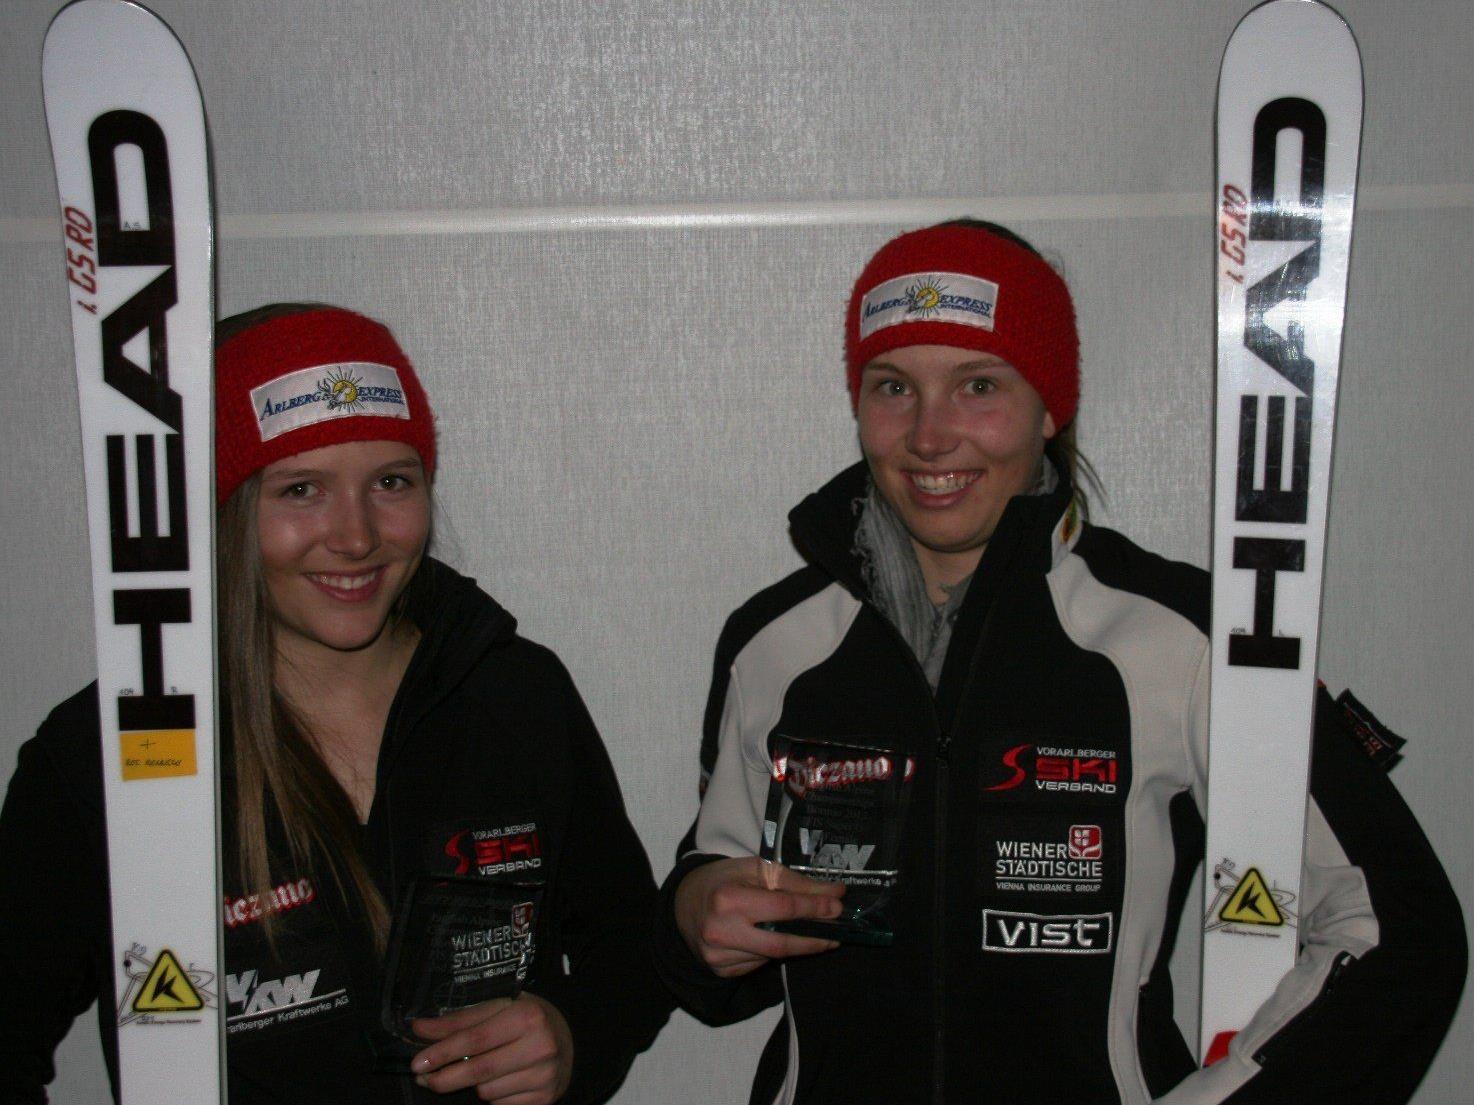 Alexandra Scheyer gehört dem VSV Kader an.